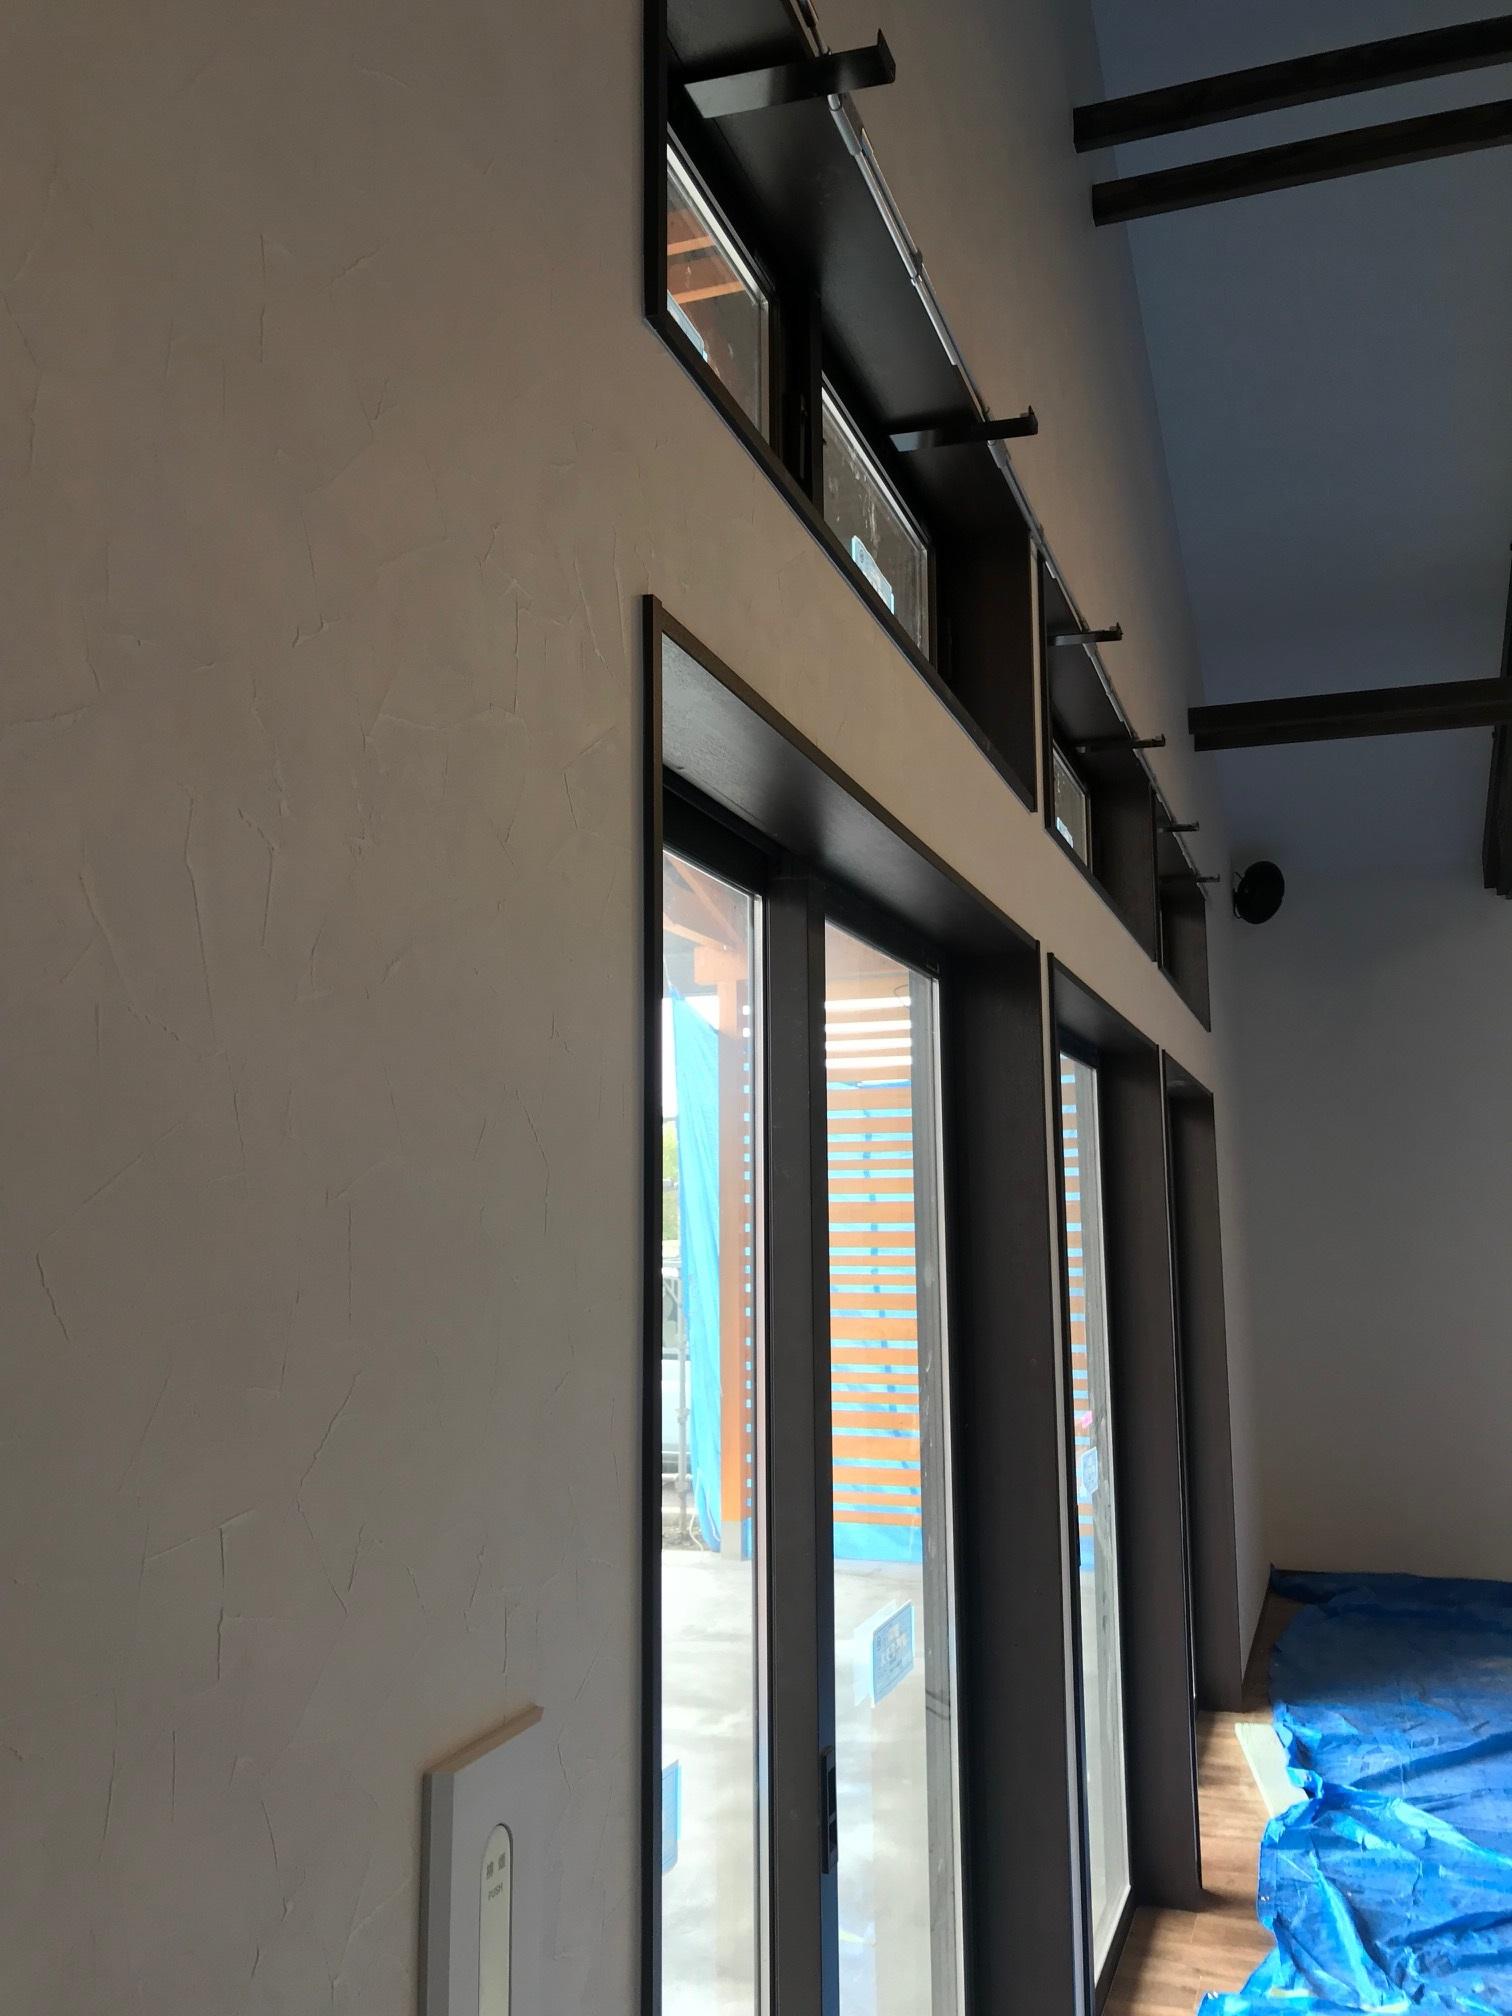 新築物件の排煙オペレーター施工事例2